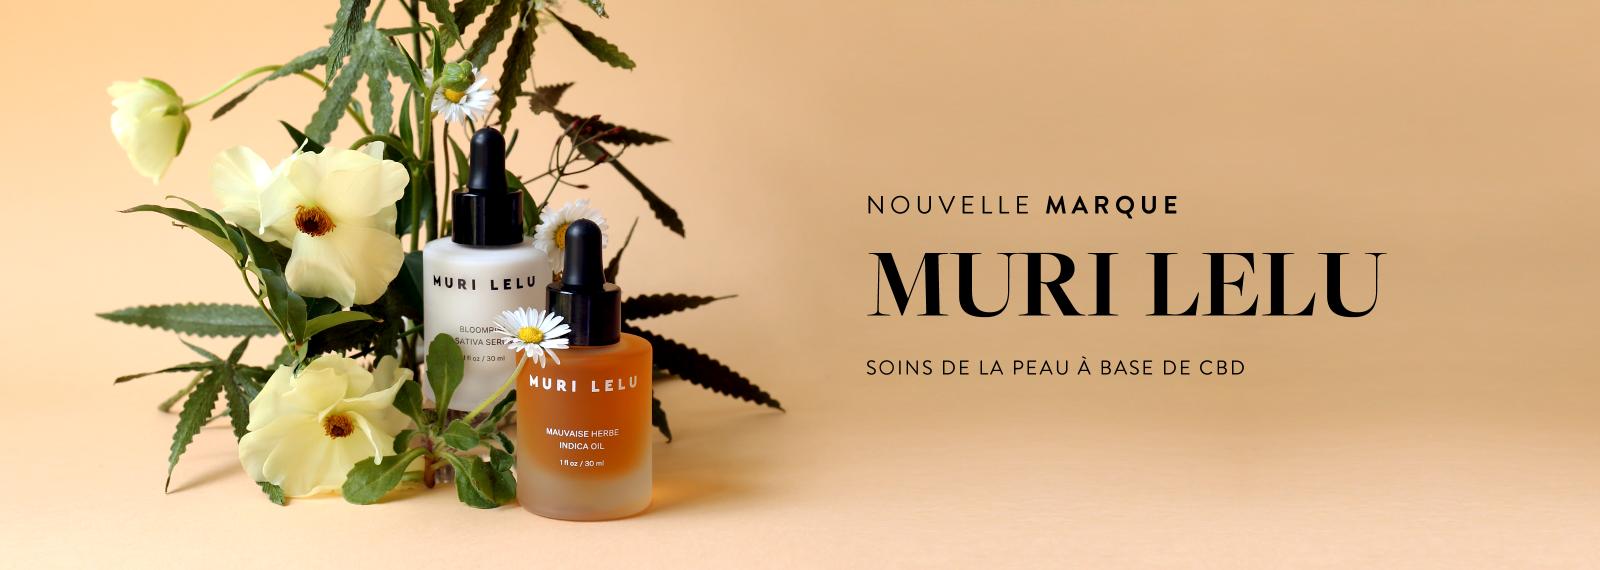 NOUVELLE MARQUE - MURI LELU